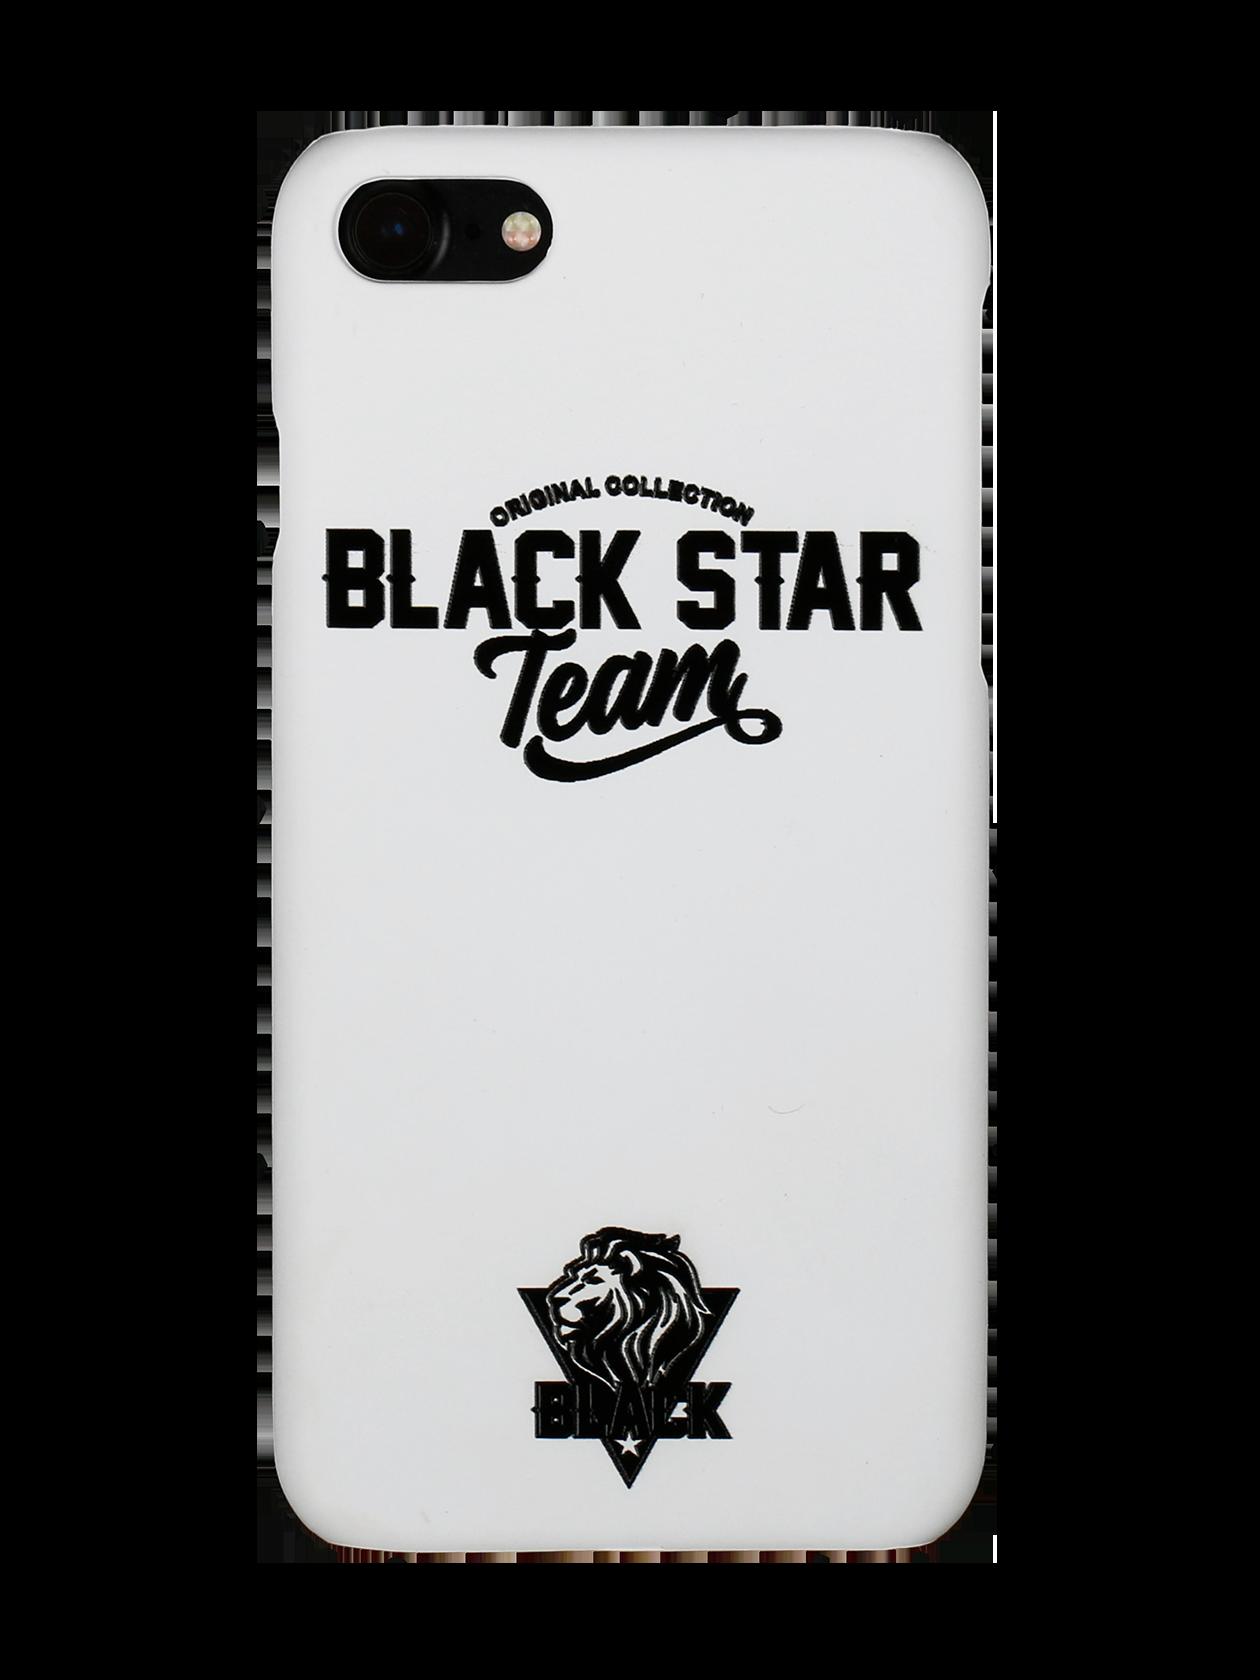 Чехол для телефона TEAMЧехол для телефона из коллекции Black Star Wear. Матовая чёрная поверхность, контрастный белый принт Black Star Team. Защитный кейс из ударопрочного пластика повторяет форму гаджета и защищает его от вредного внешнего воздействия, сколов и пыли, сохраняя при этом доступ ко всем кнопкам и разъёмам.<br><br>Размер: 5<br>Цвет: Белый<br>Пол: Унисекс